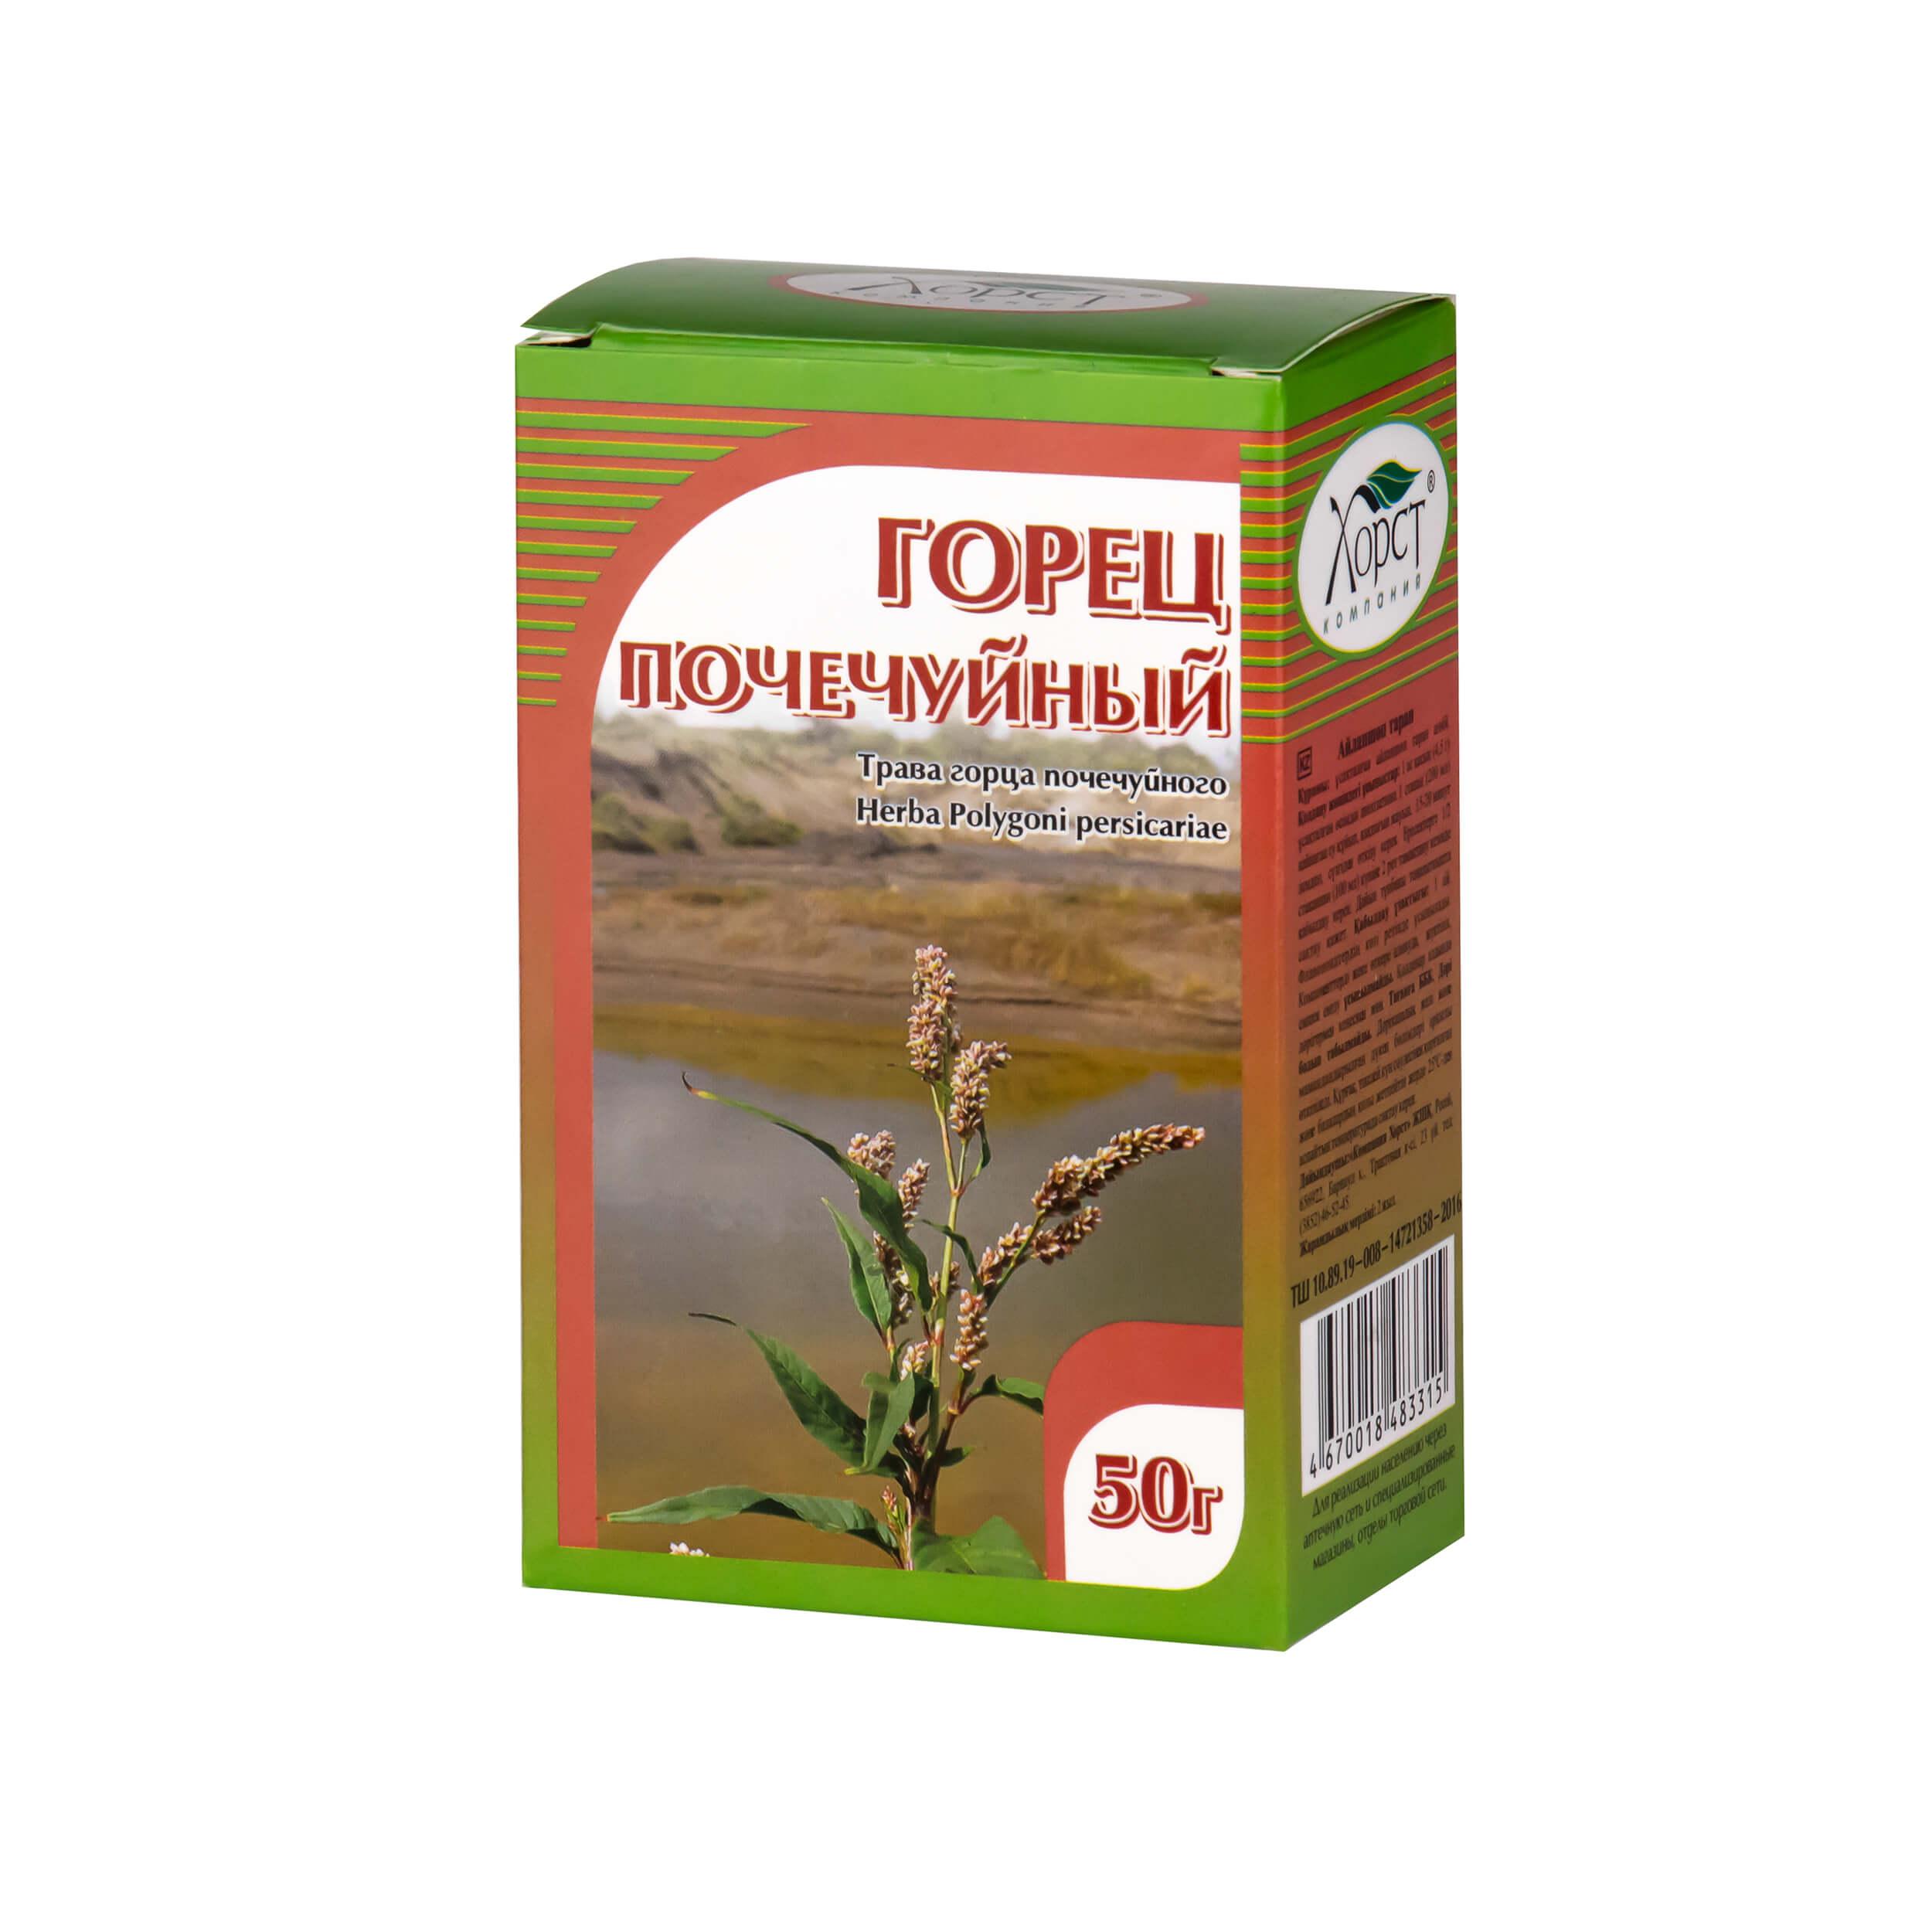 Горец почечуйный (трава, 50 грамм) фото